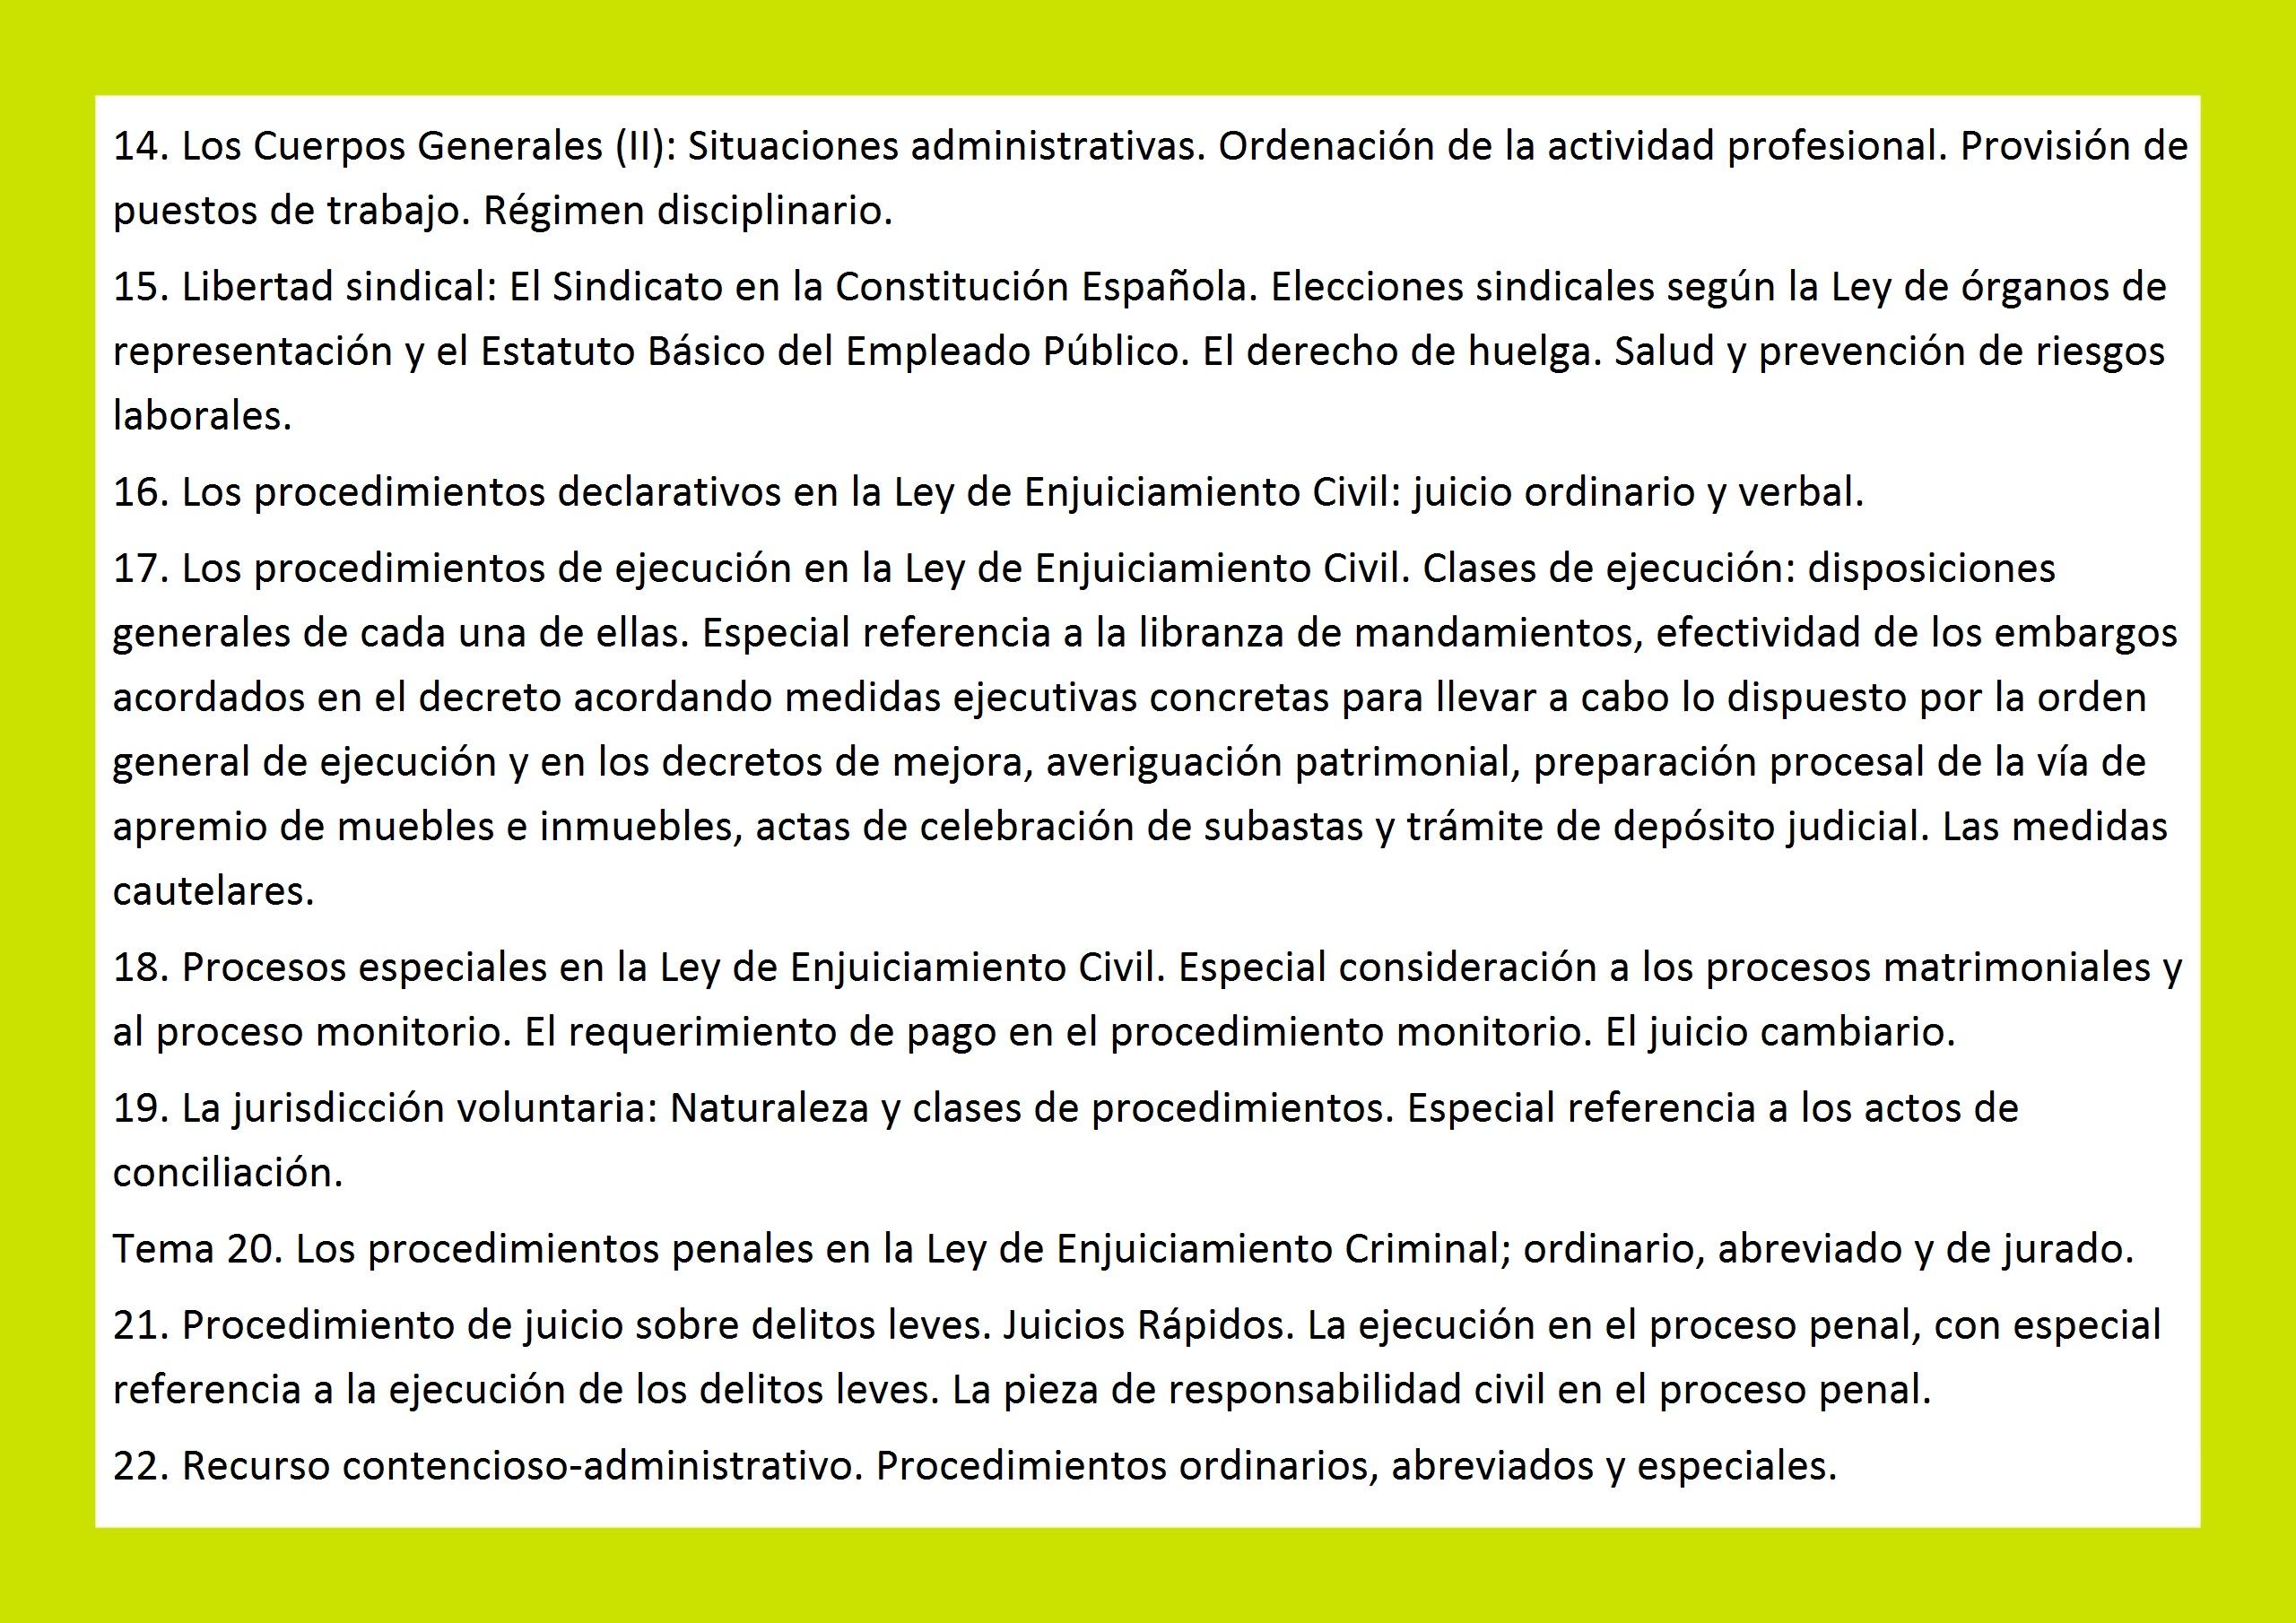 estudiar oposicion procesal administrativa alcala